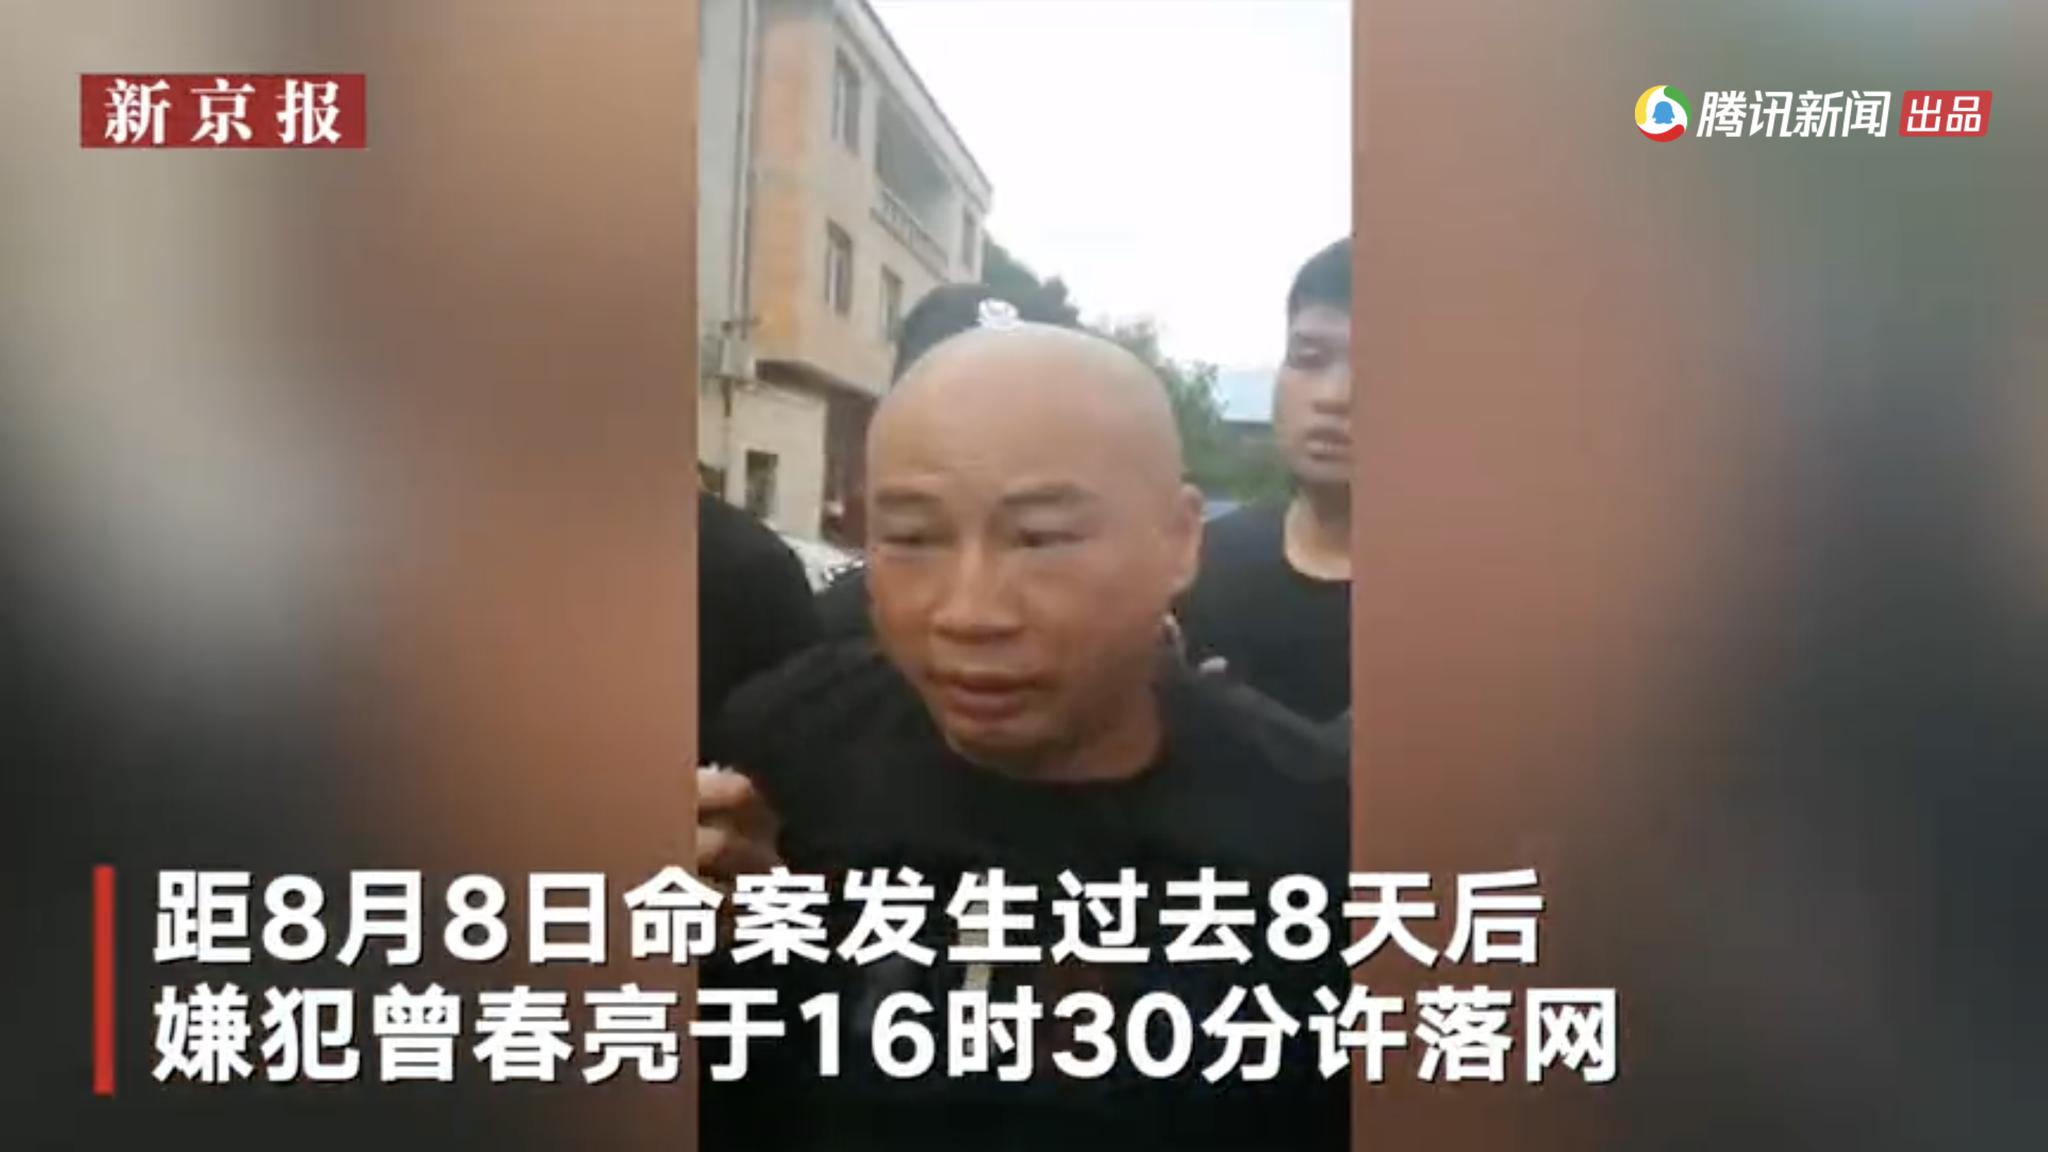 江西乐安命案嫌犯逃亡8天后落网,现场画面:在街上被警察按住